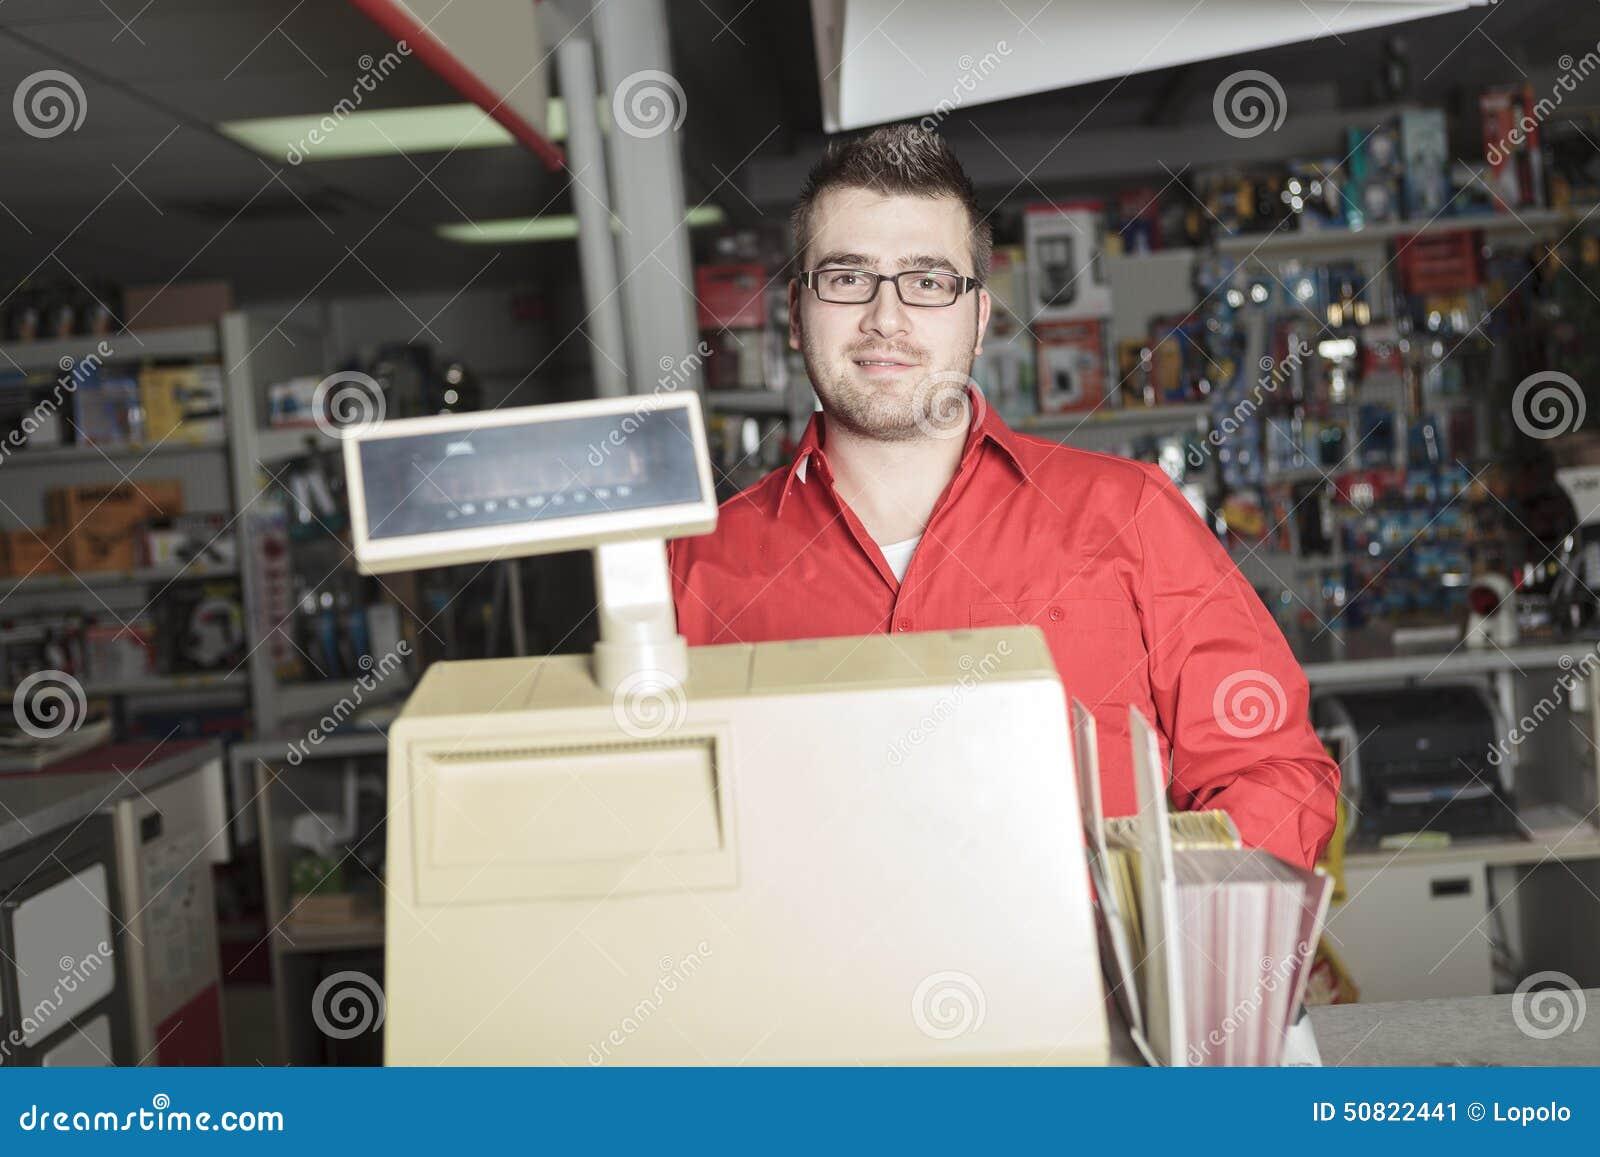 Employé de magasin de matériel